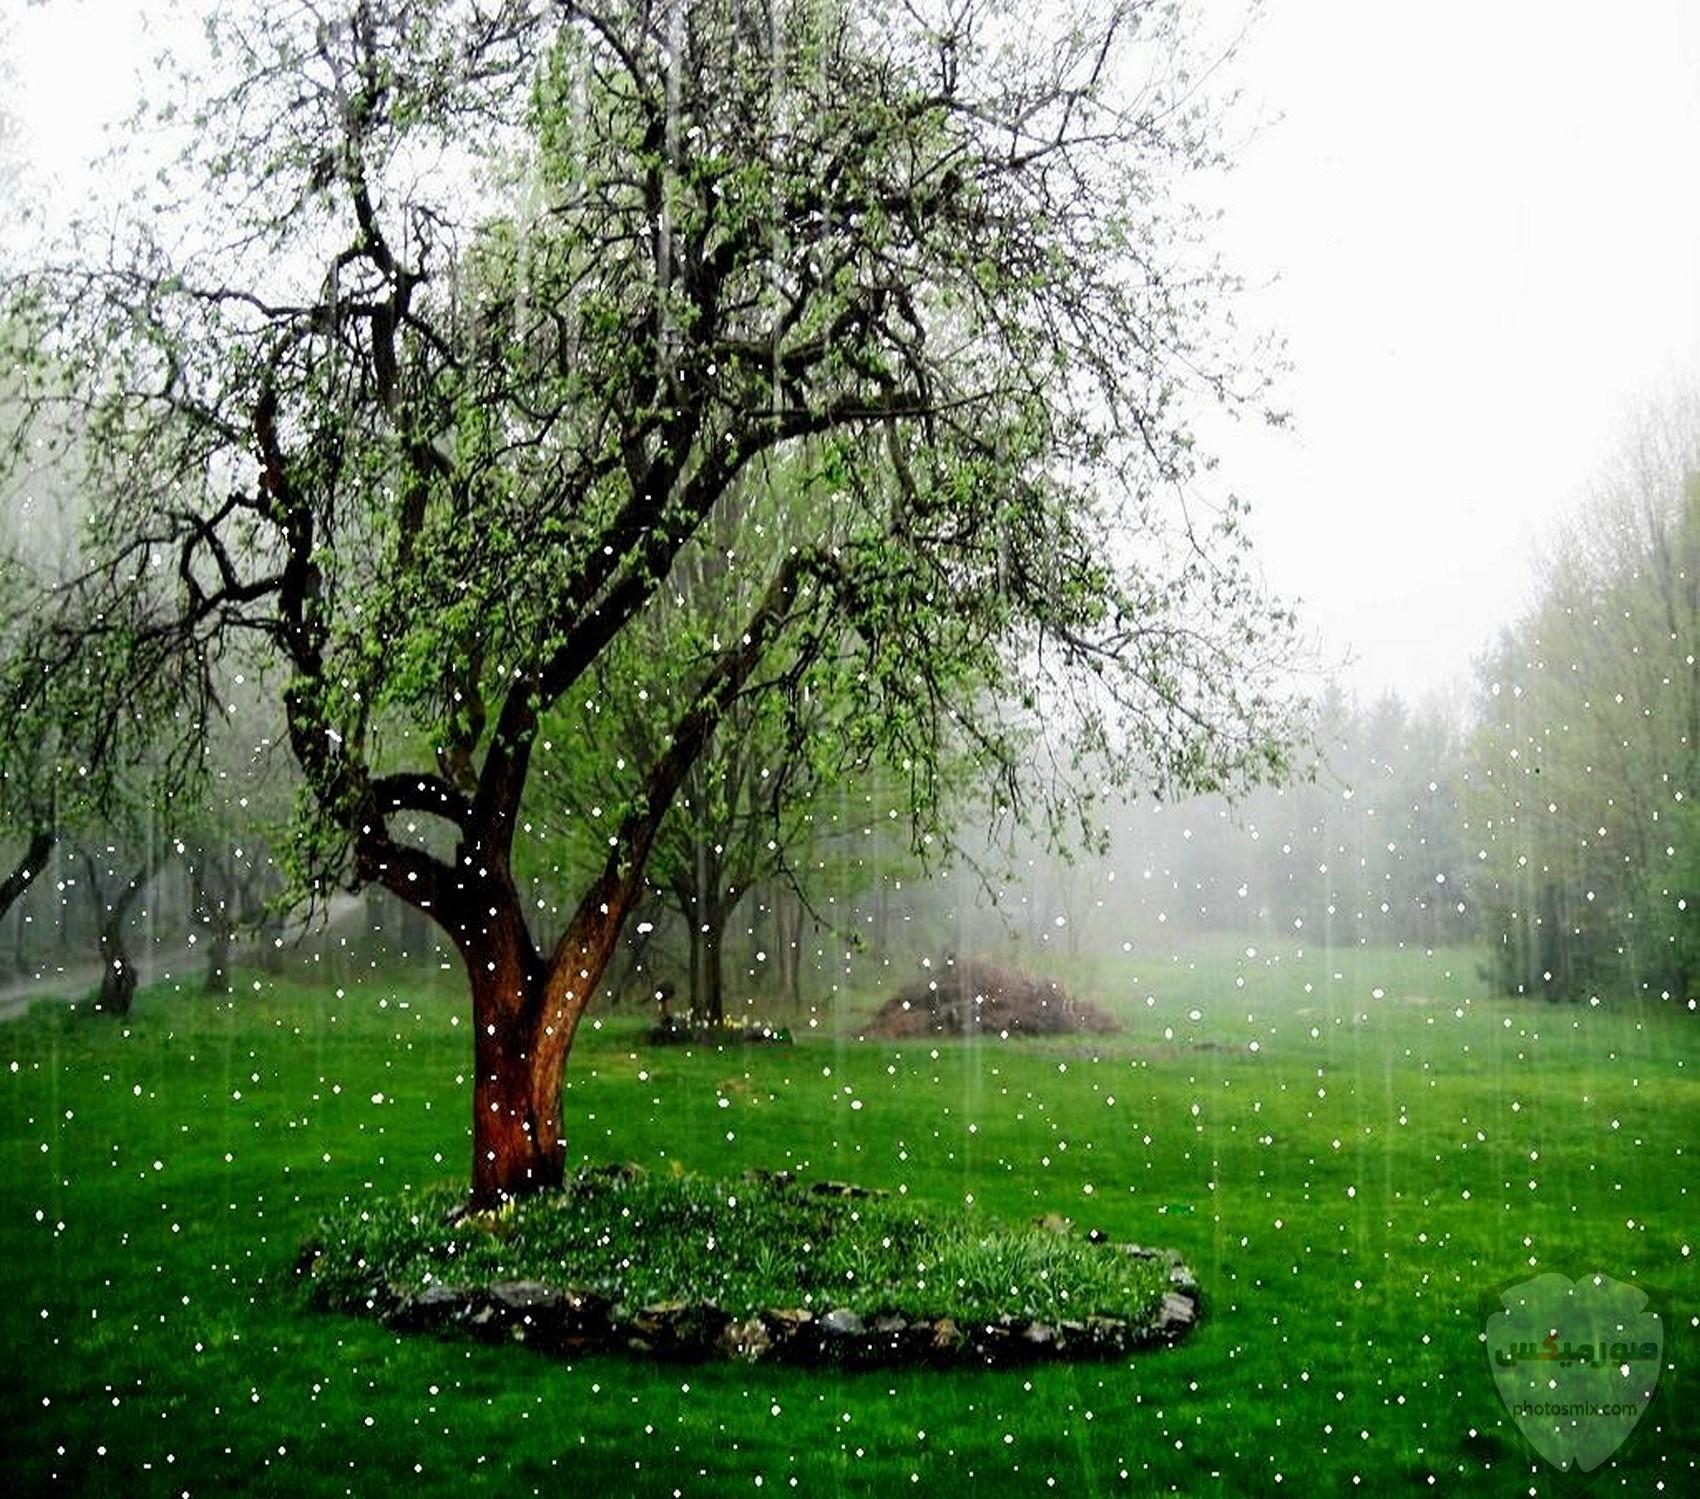 صور مطر جميلة اجمل خلفيات قطرات المطر ادعية عن الامطار والشتاء 12 1